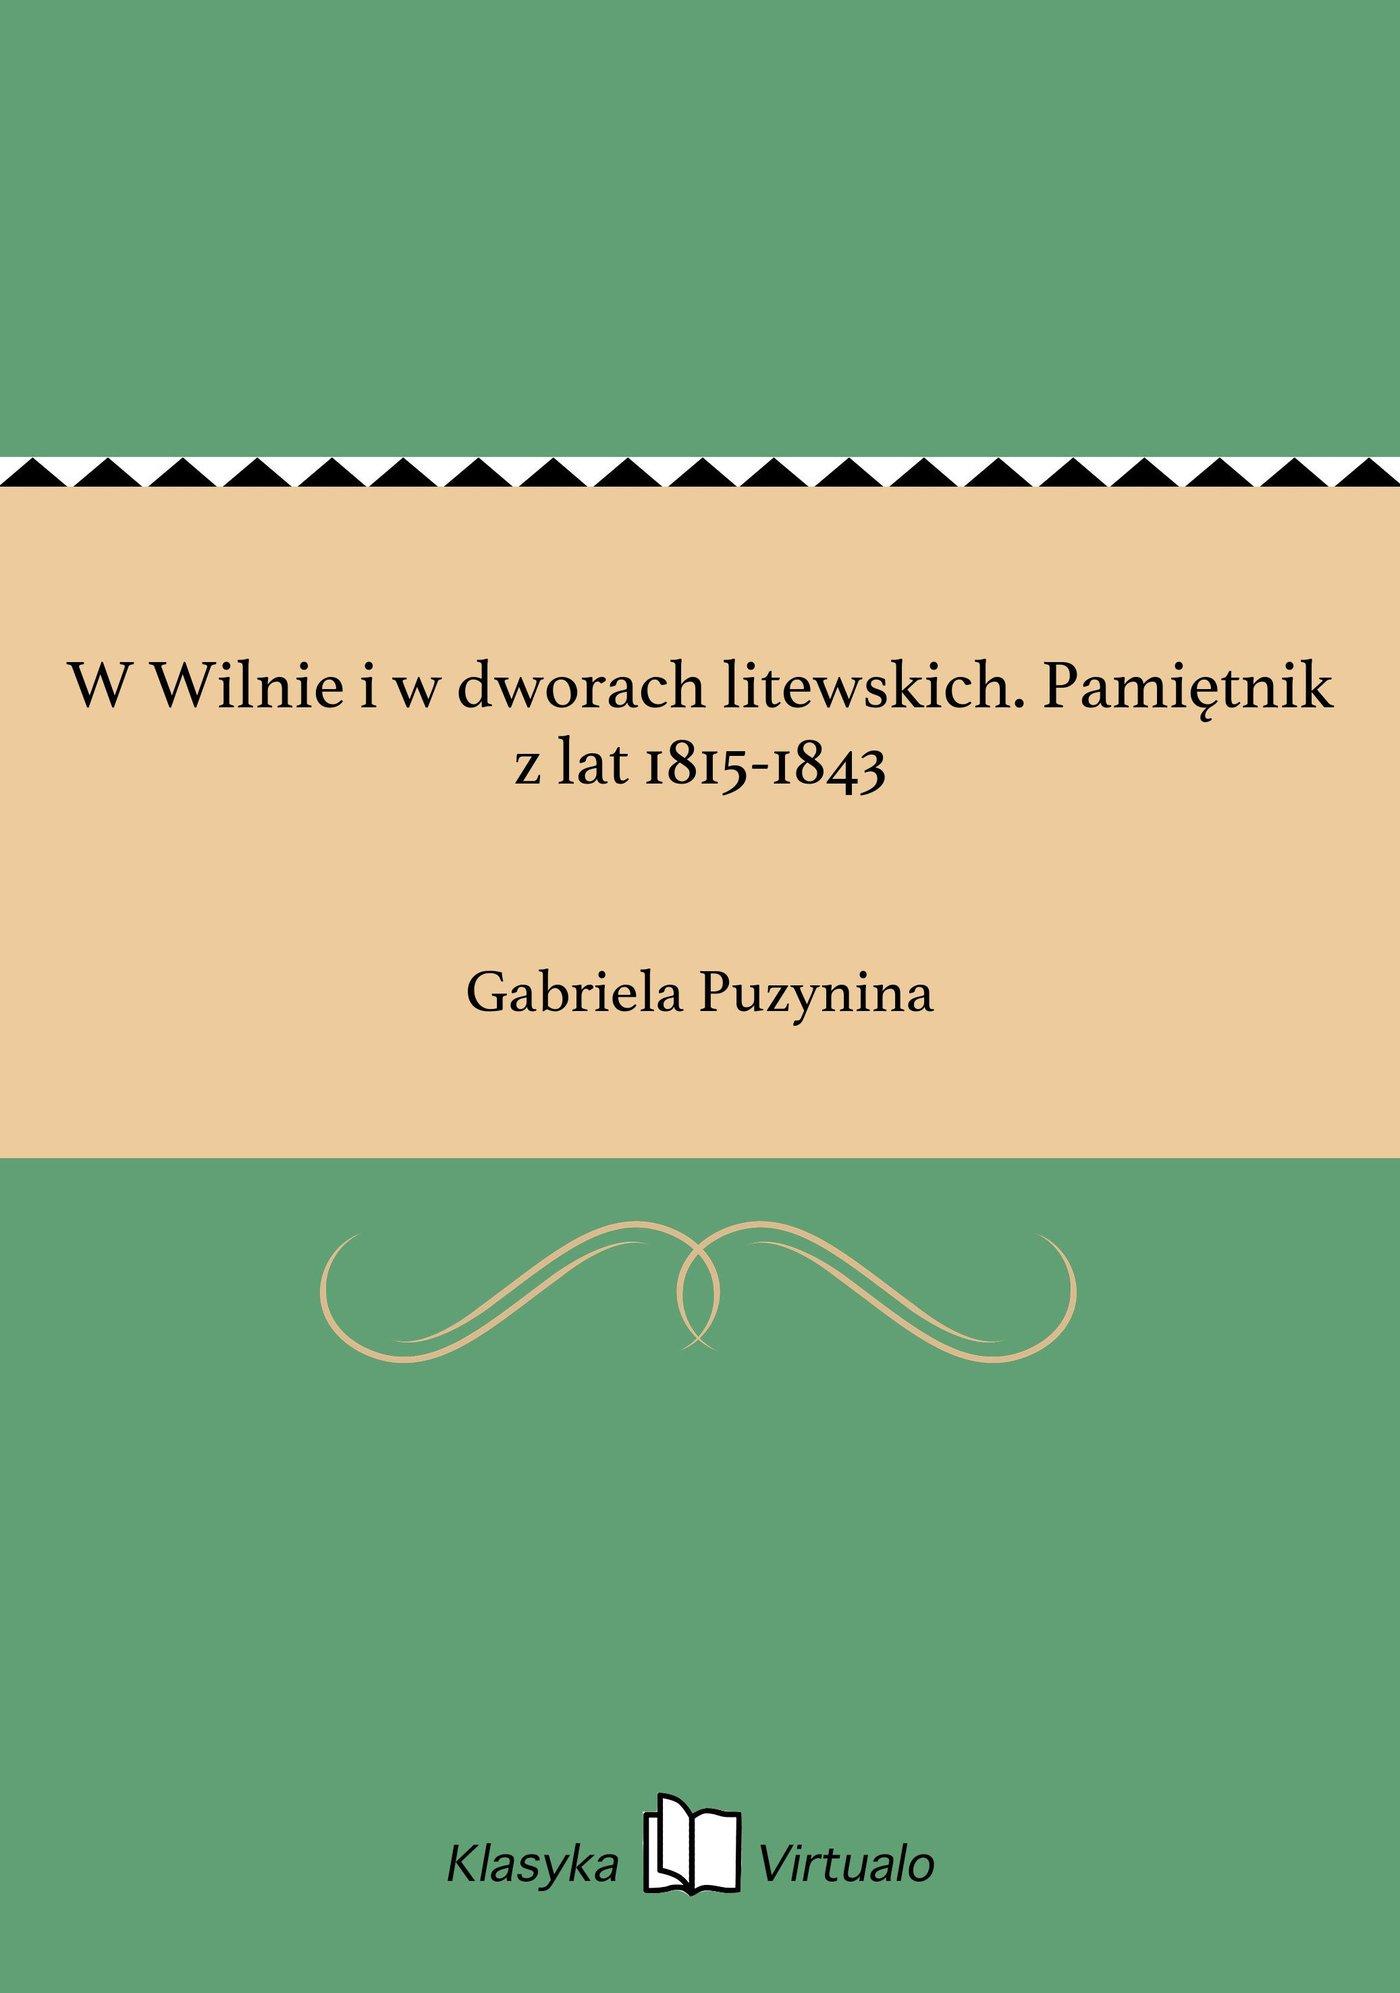 W Wilnie i w dworach litewskich. Pamiętnik z lat 1815-1843 - Ebook (Książka EPUB) do pobrania w formacie EPUB